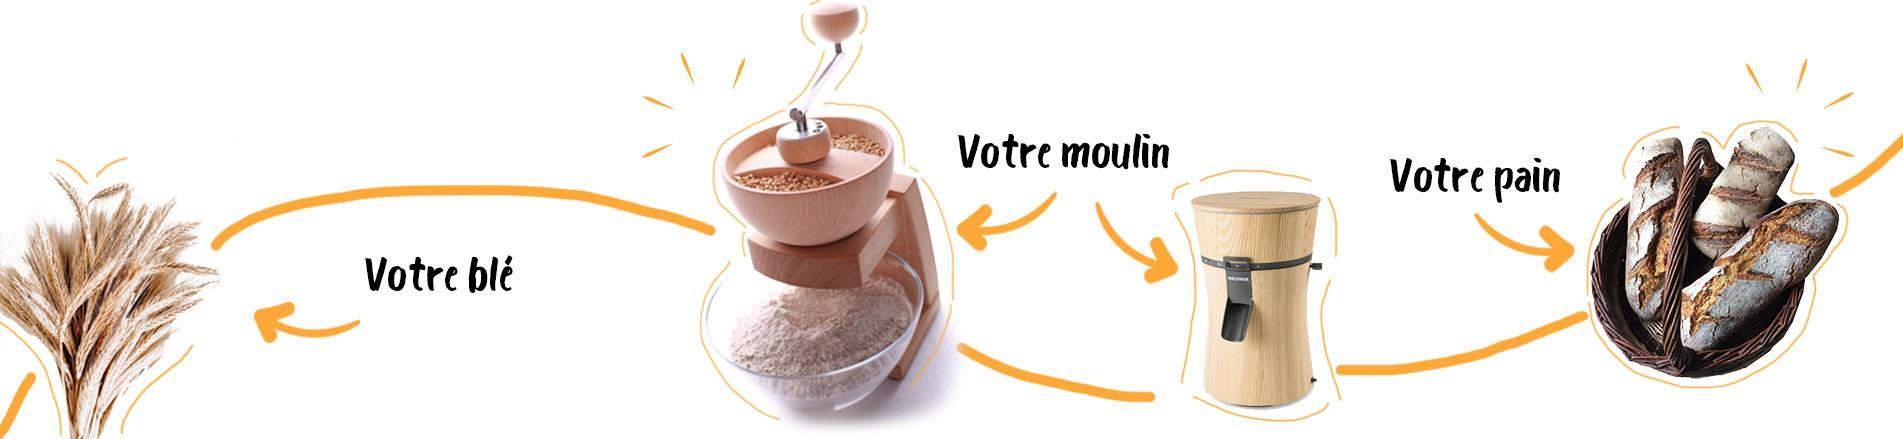 Moulins D'alma